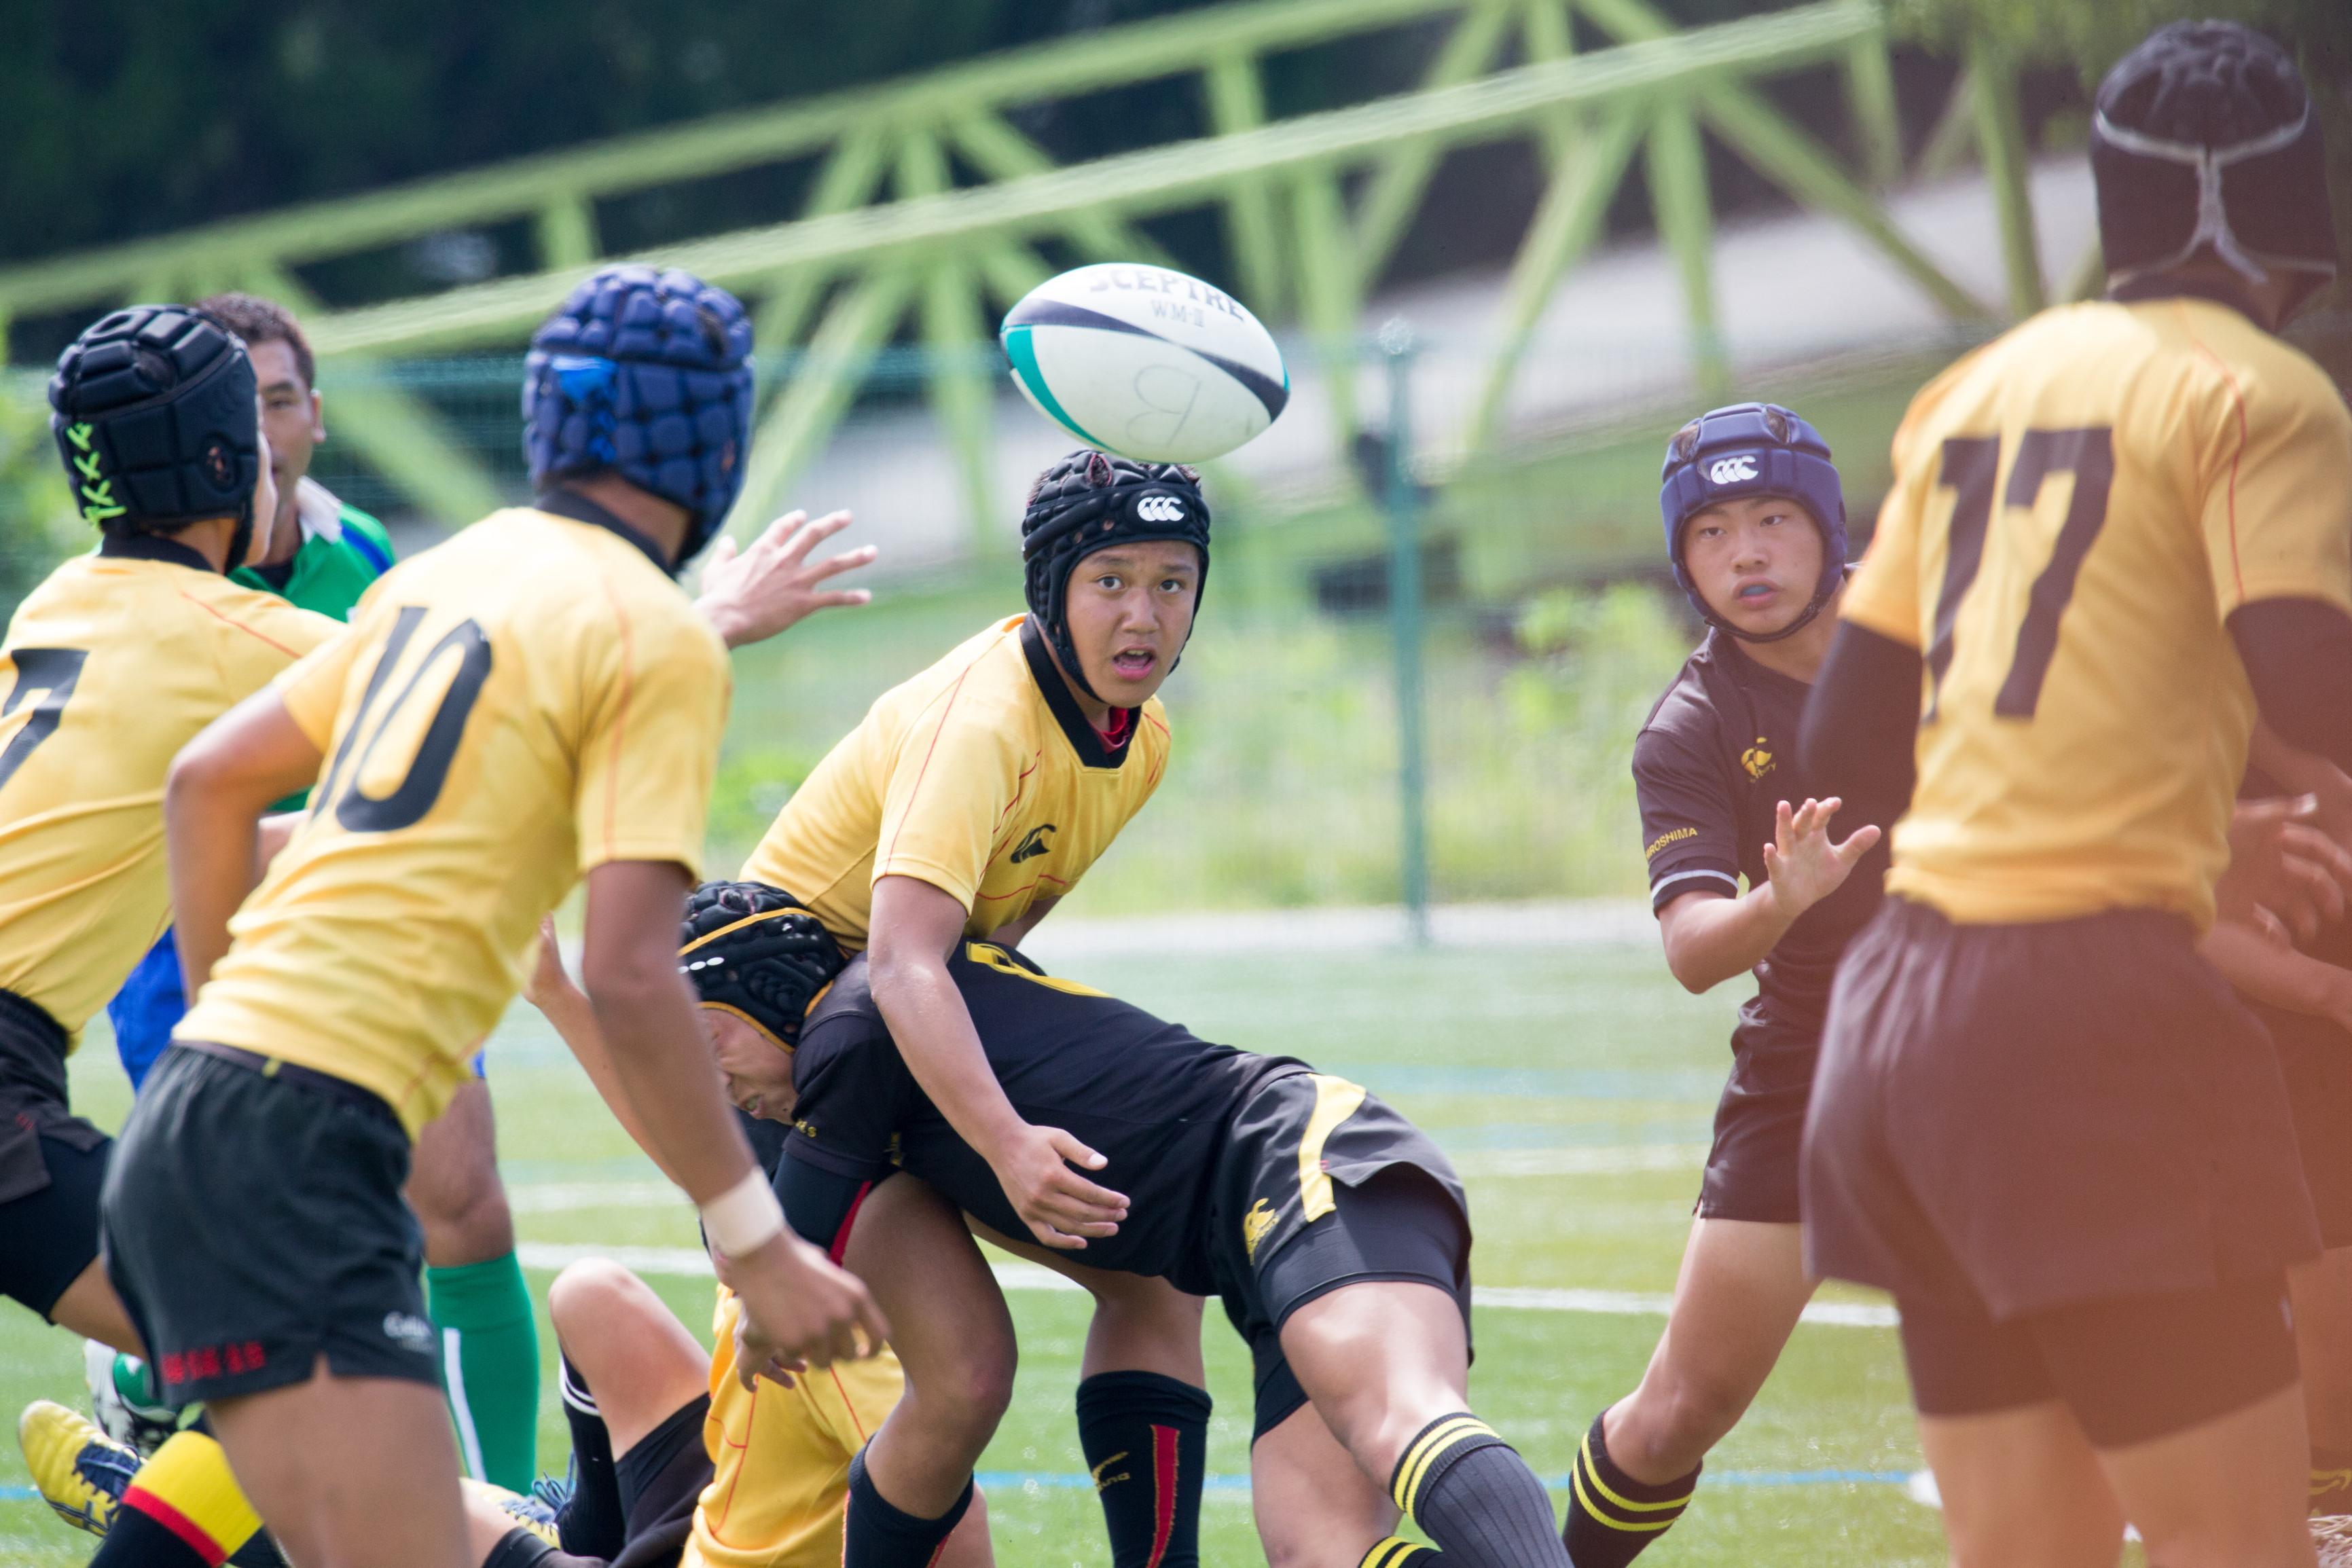 「第19回中国四国ジュニア・ラグビーフットボール大会」開催。ラグビー公式試合を初開催~ツネイシしまなみビレッジ